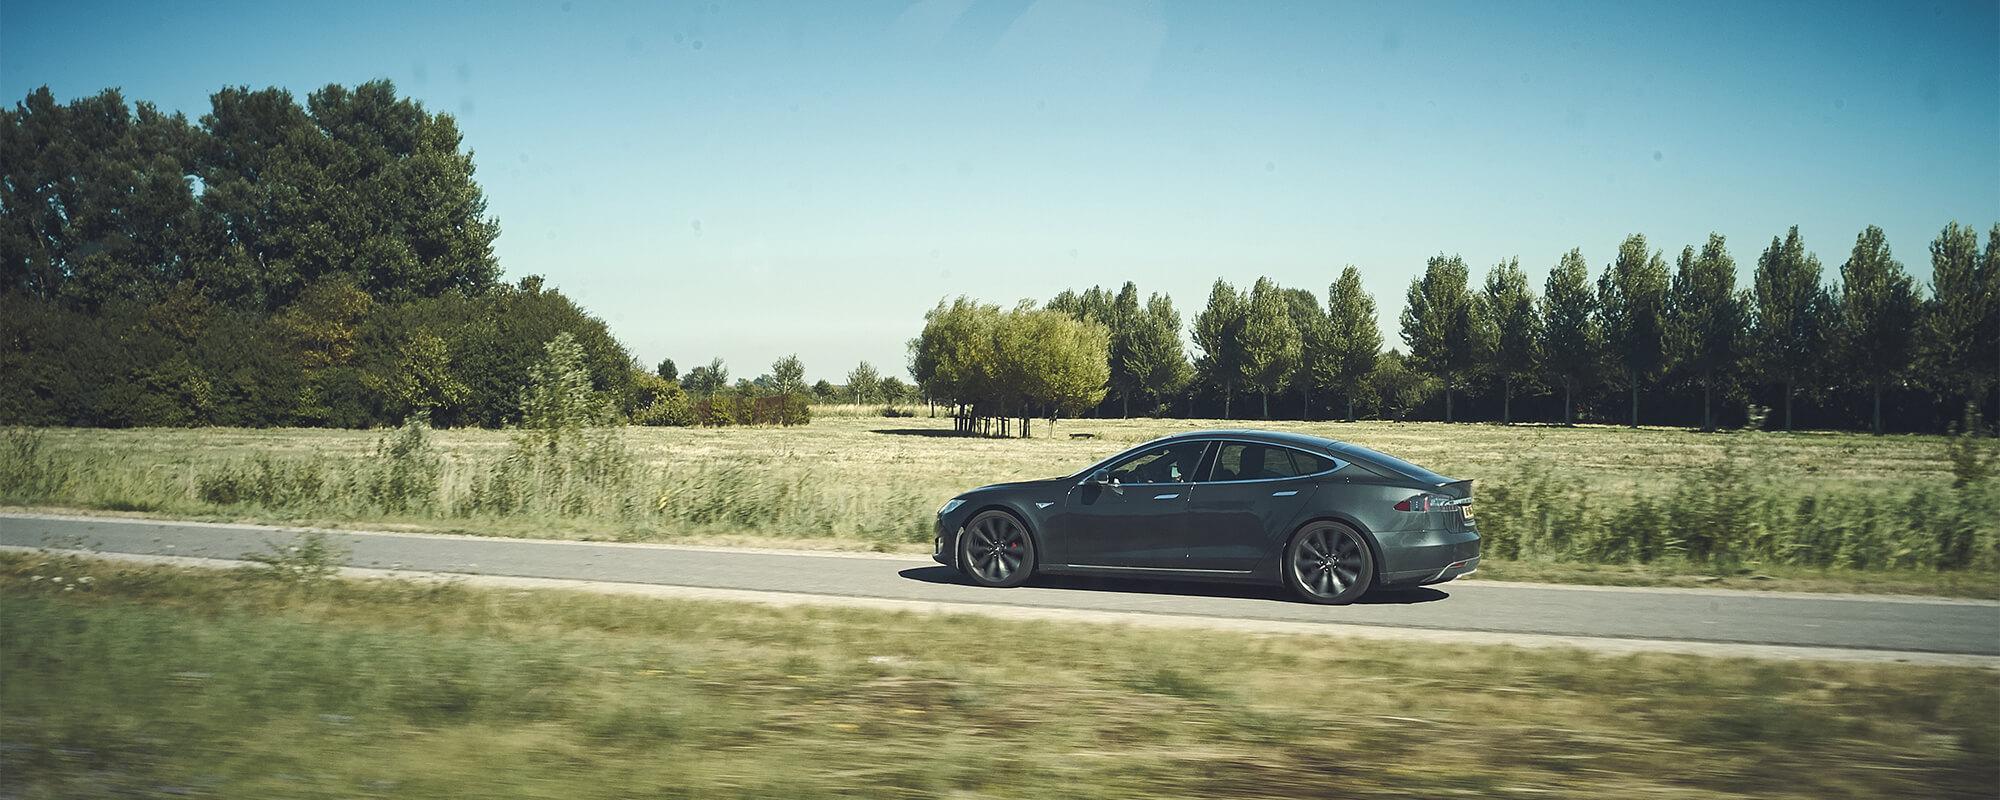 Model S Driving in Field